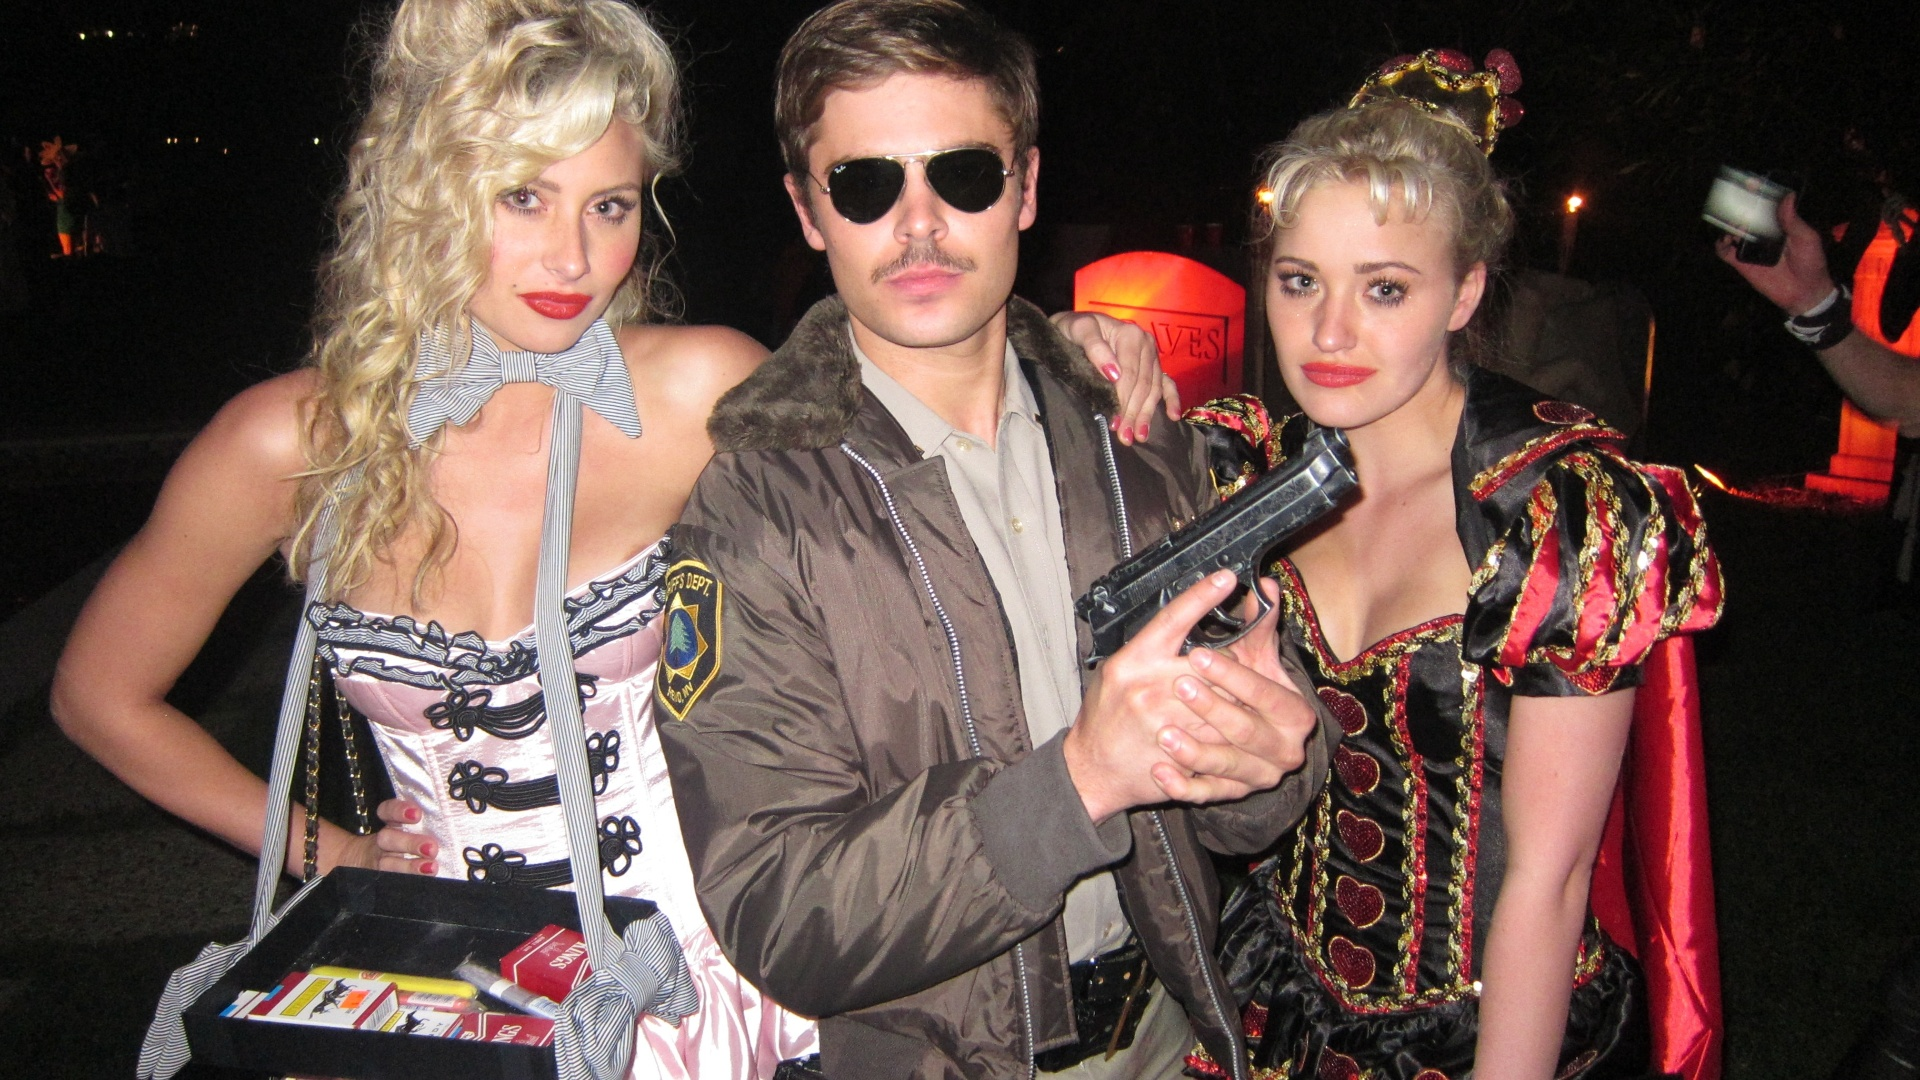 Com short coladinho, Zac Efron se fantasia de policial para festa de Halloween (31/10/2011)